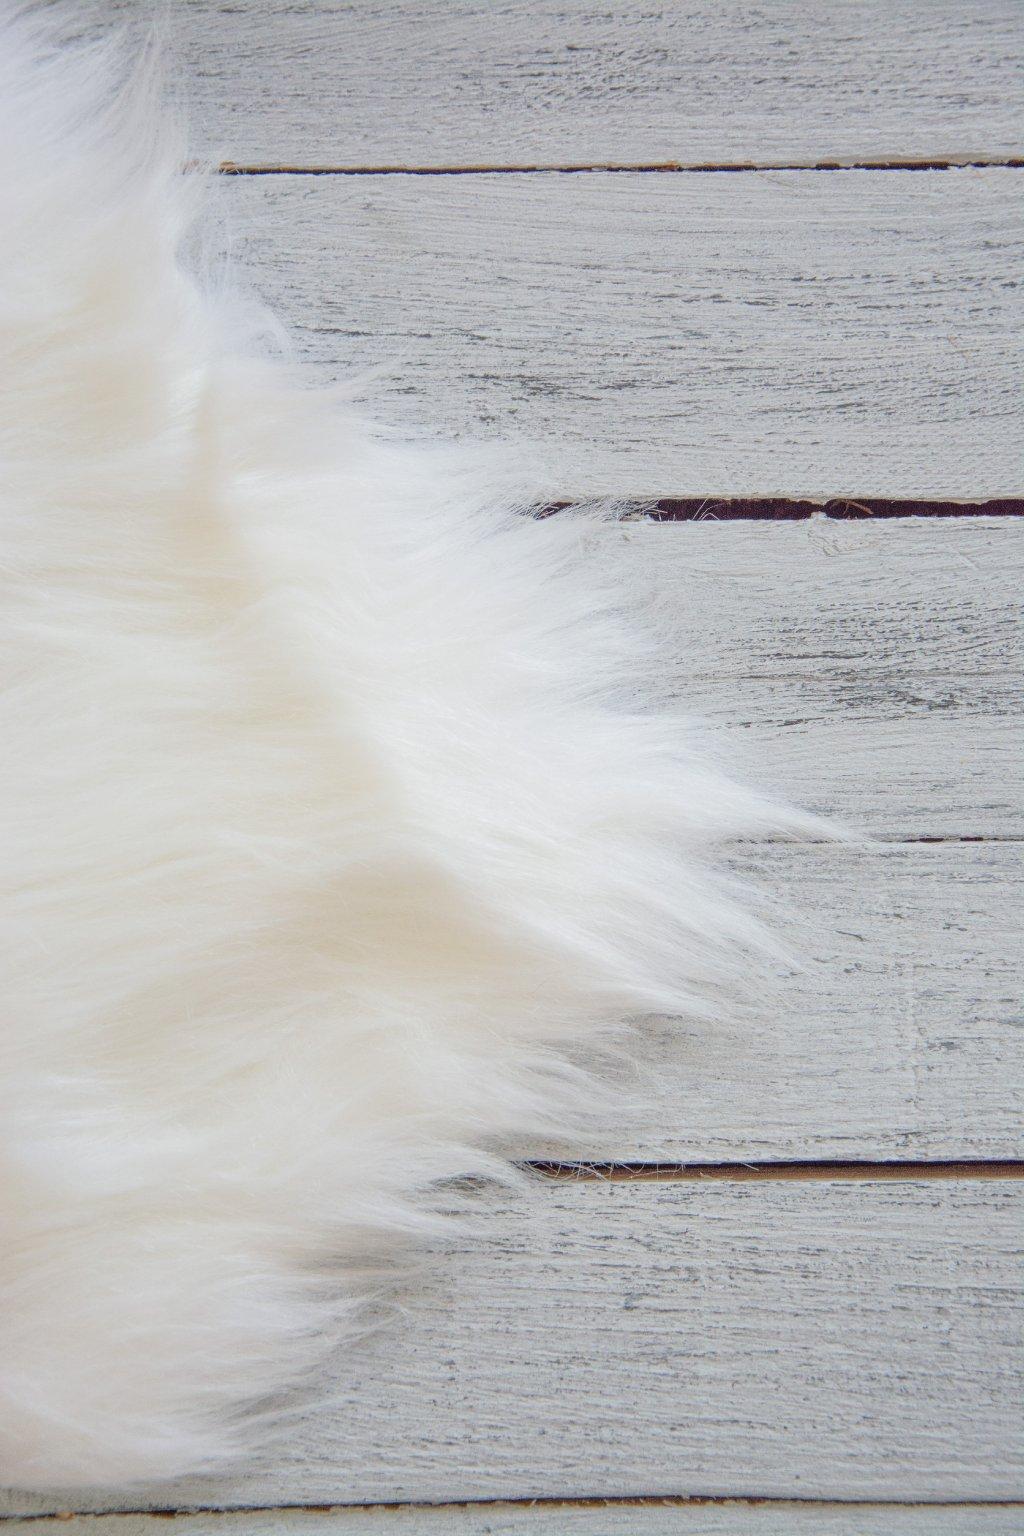 bíla kožešinka kožešina dlouhý chlup